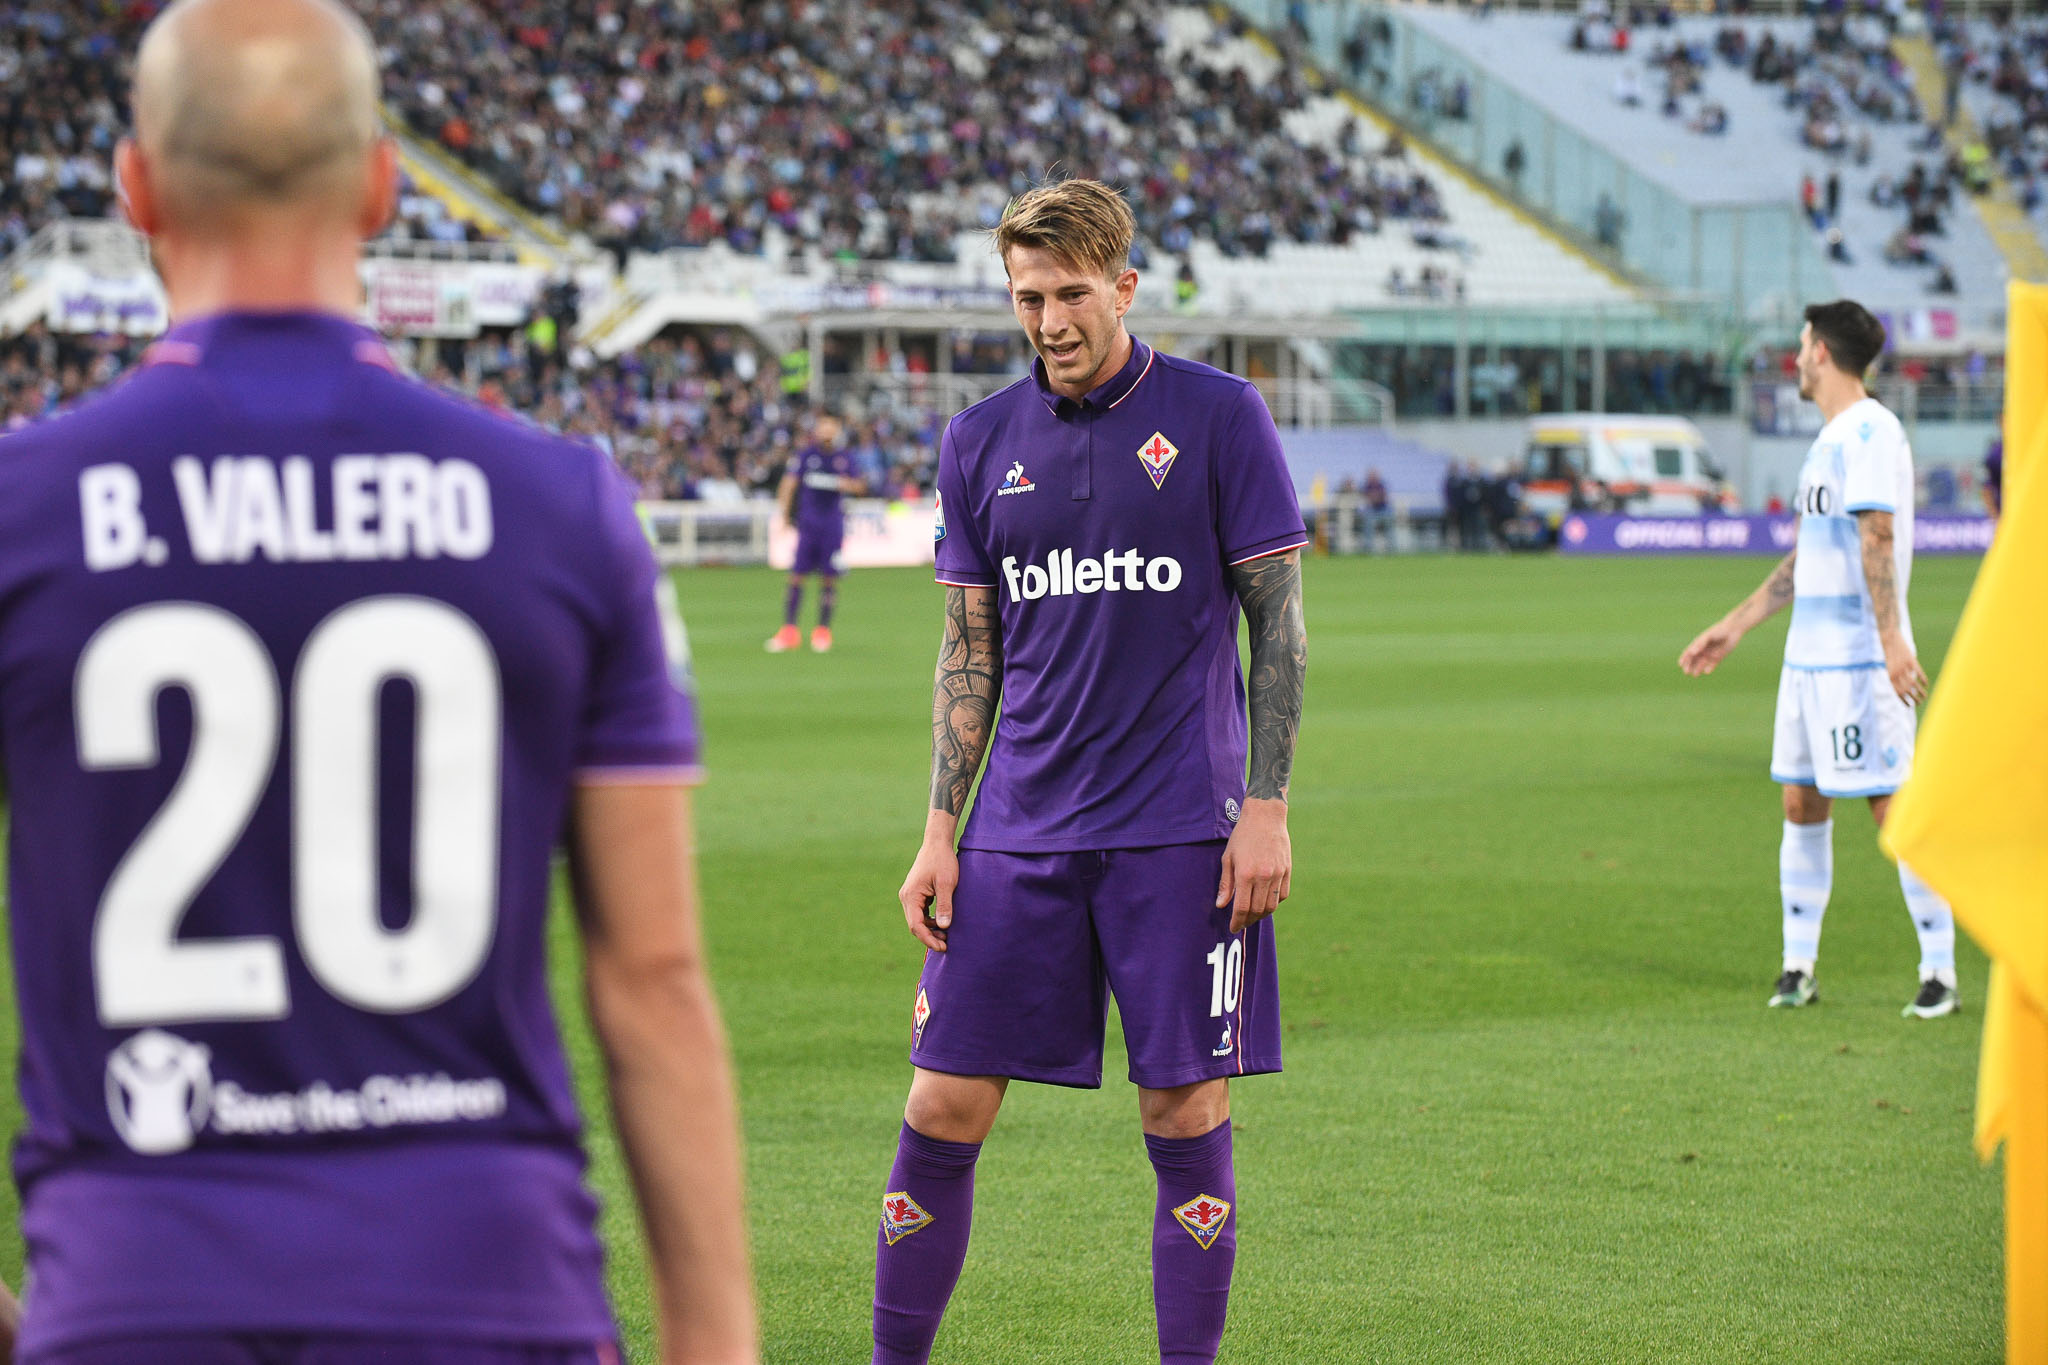 Tmw, ore decisive per Bernardeschi-Juventus. Il club bianconero sta pensando alla strategia dell'acquisto